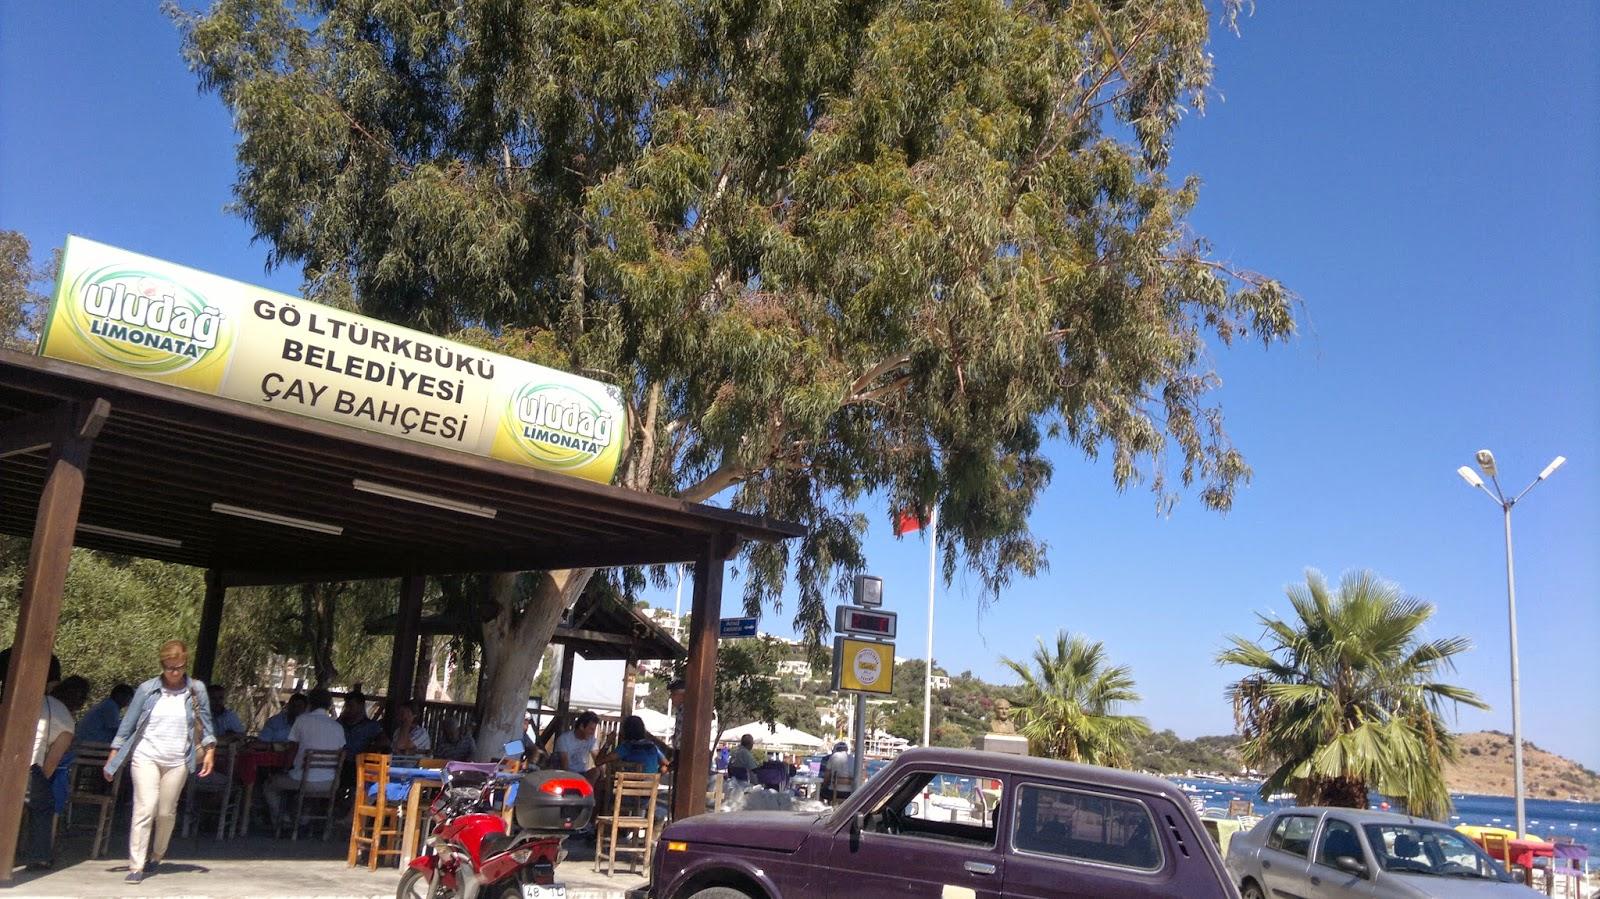 Göltürkbükü Belediyesi Çay Bahçesi